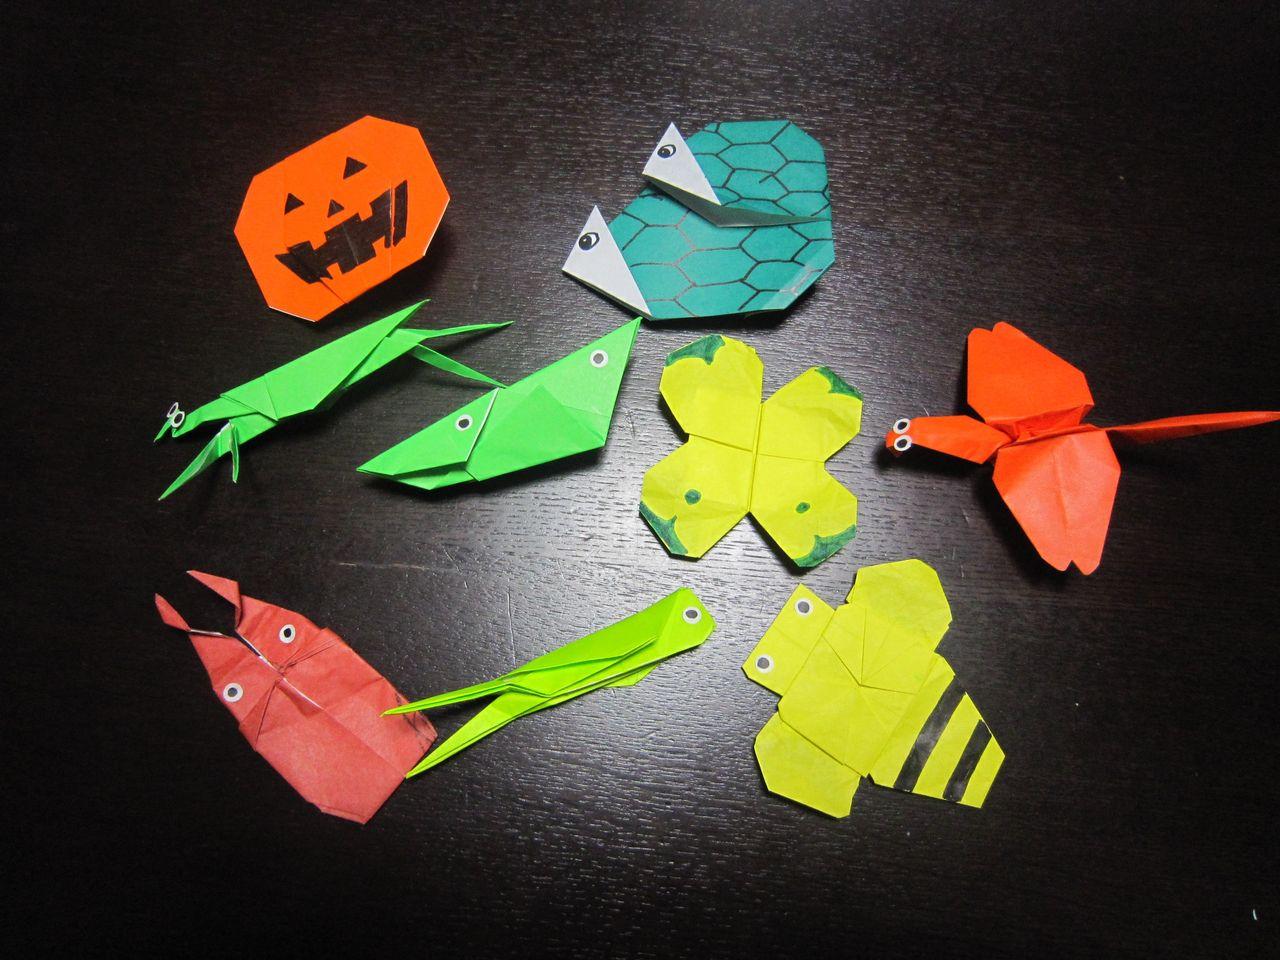 すべての折り紙 折り紙 カマキリ 折り方 : ネットで色々、折り紙の折り方 ...